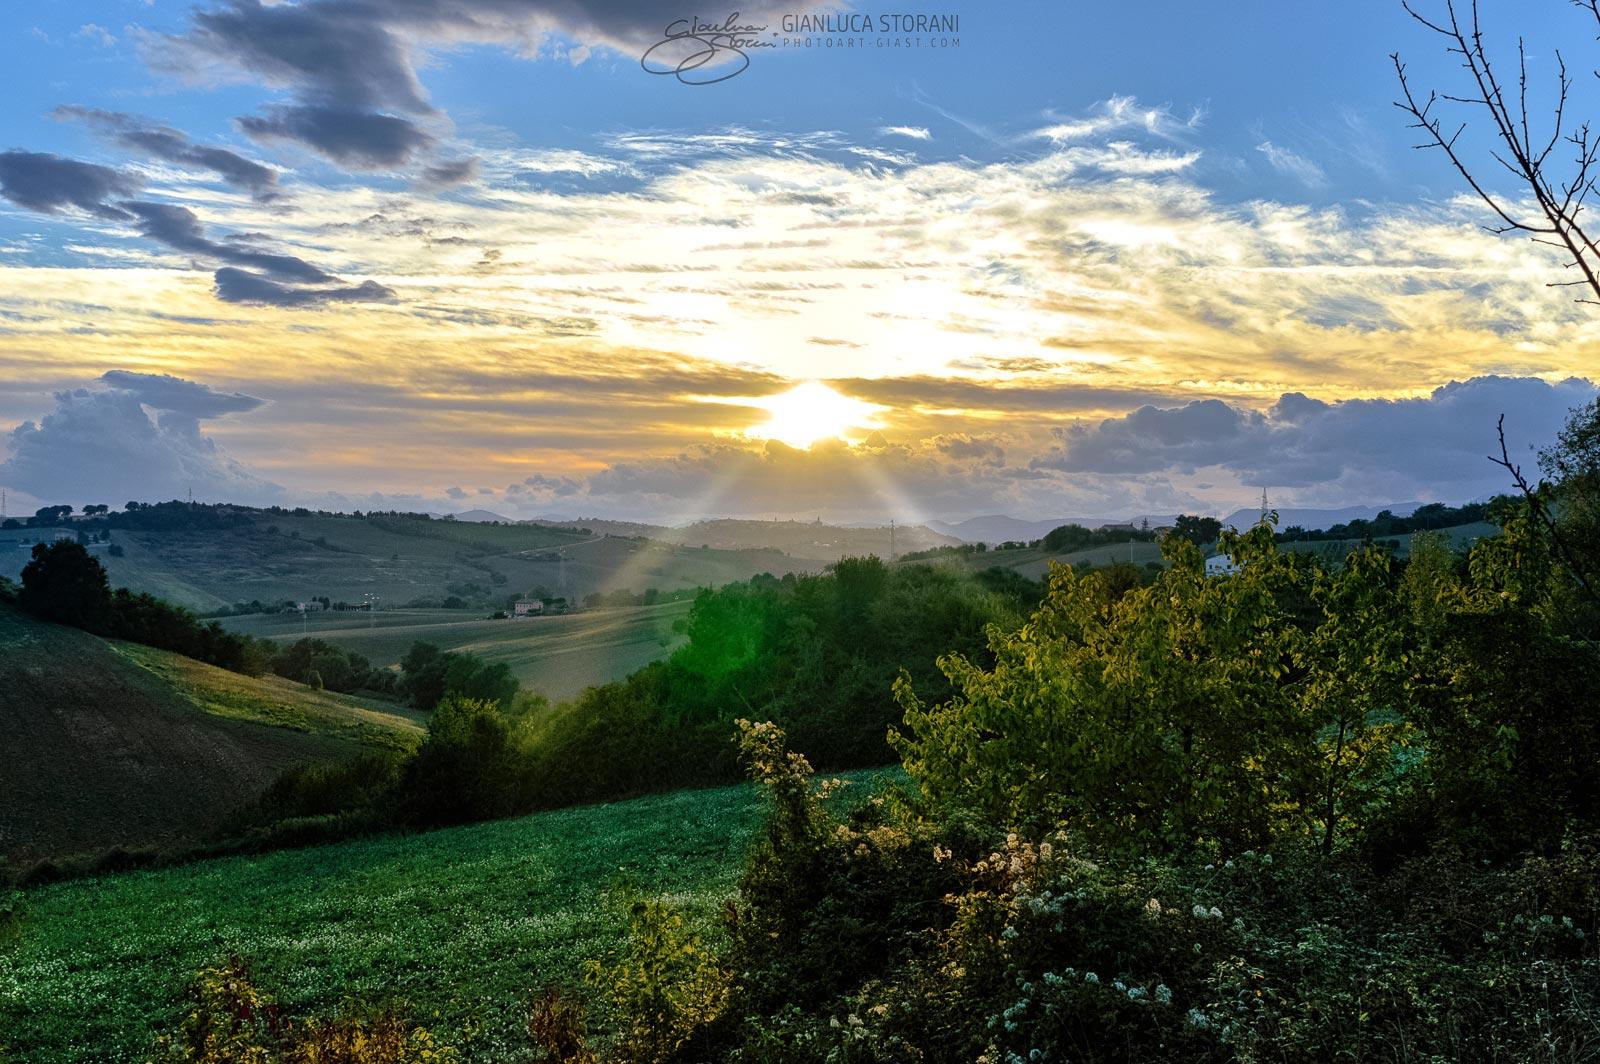 L'abbraccio del sole - Gianluca Storani Photo Art (ID: 1-7022)